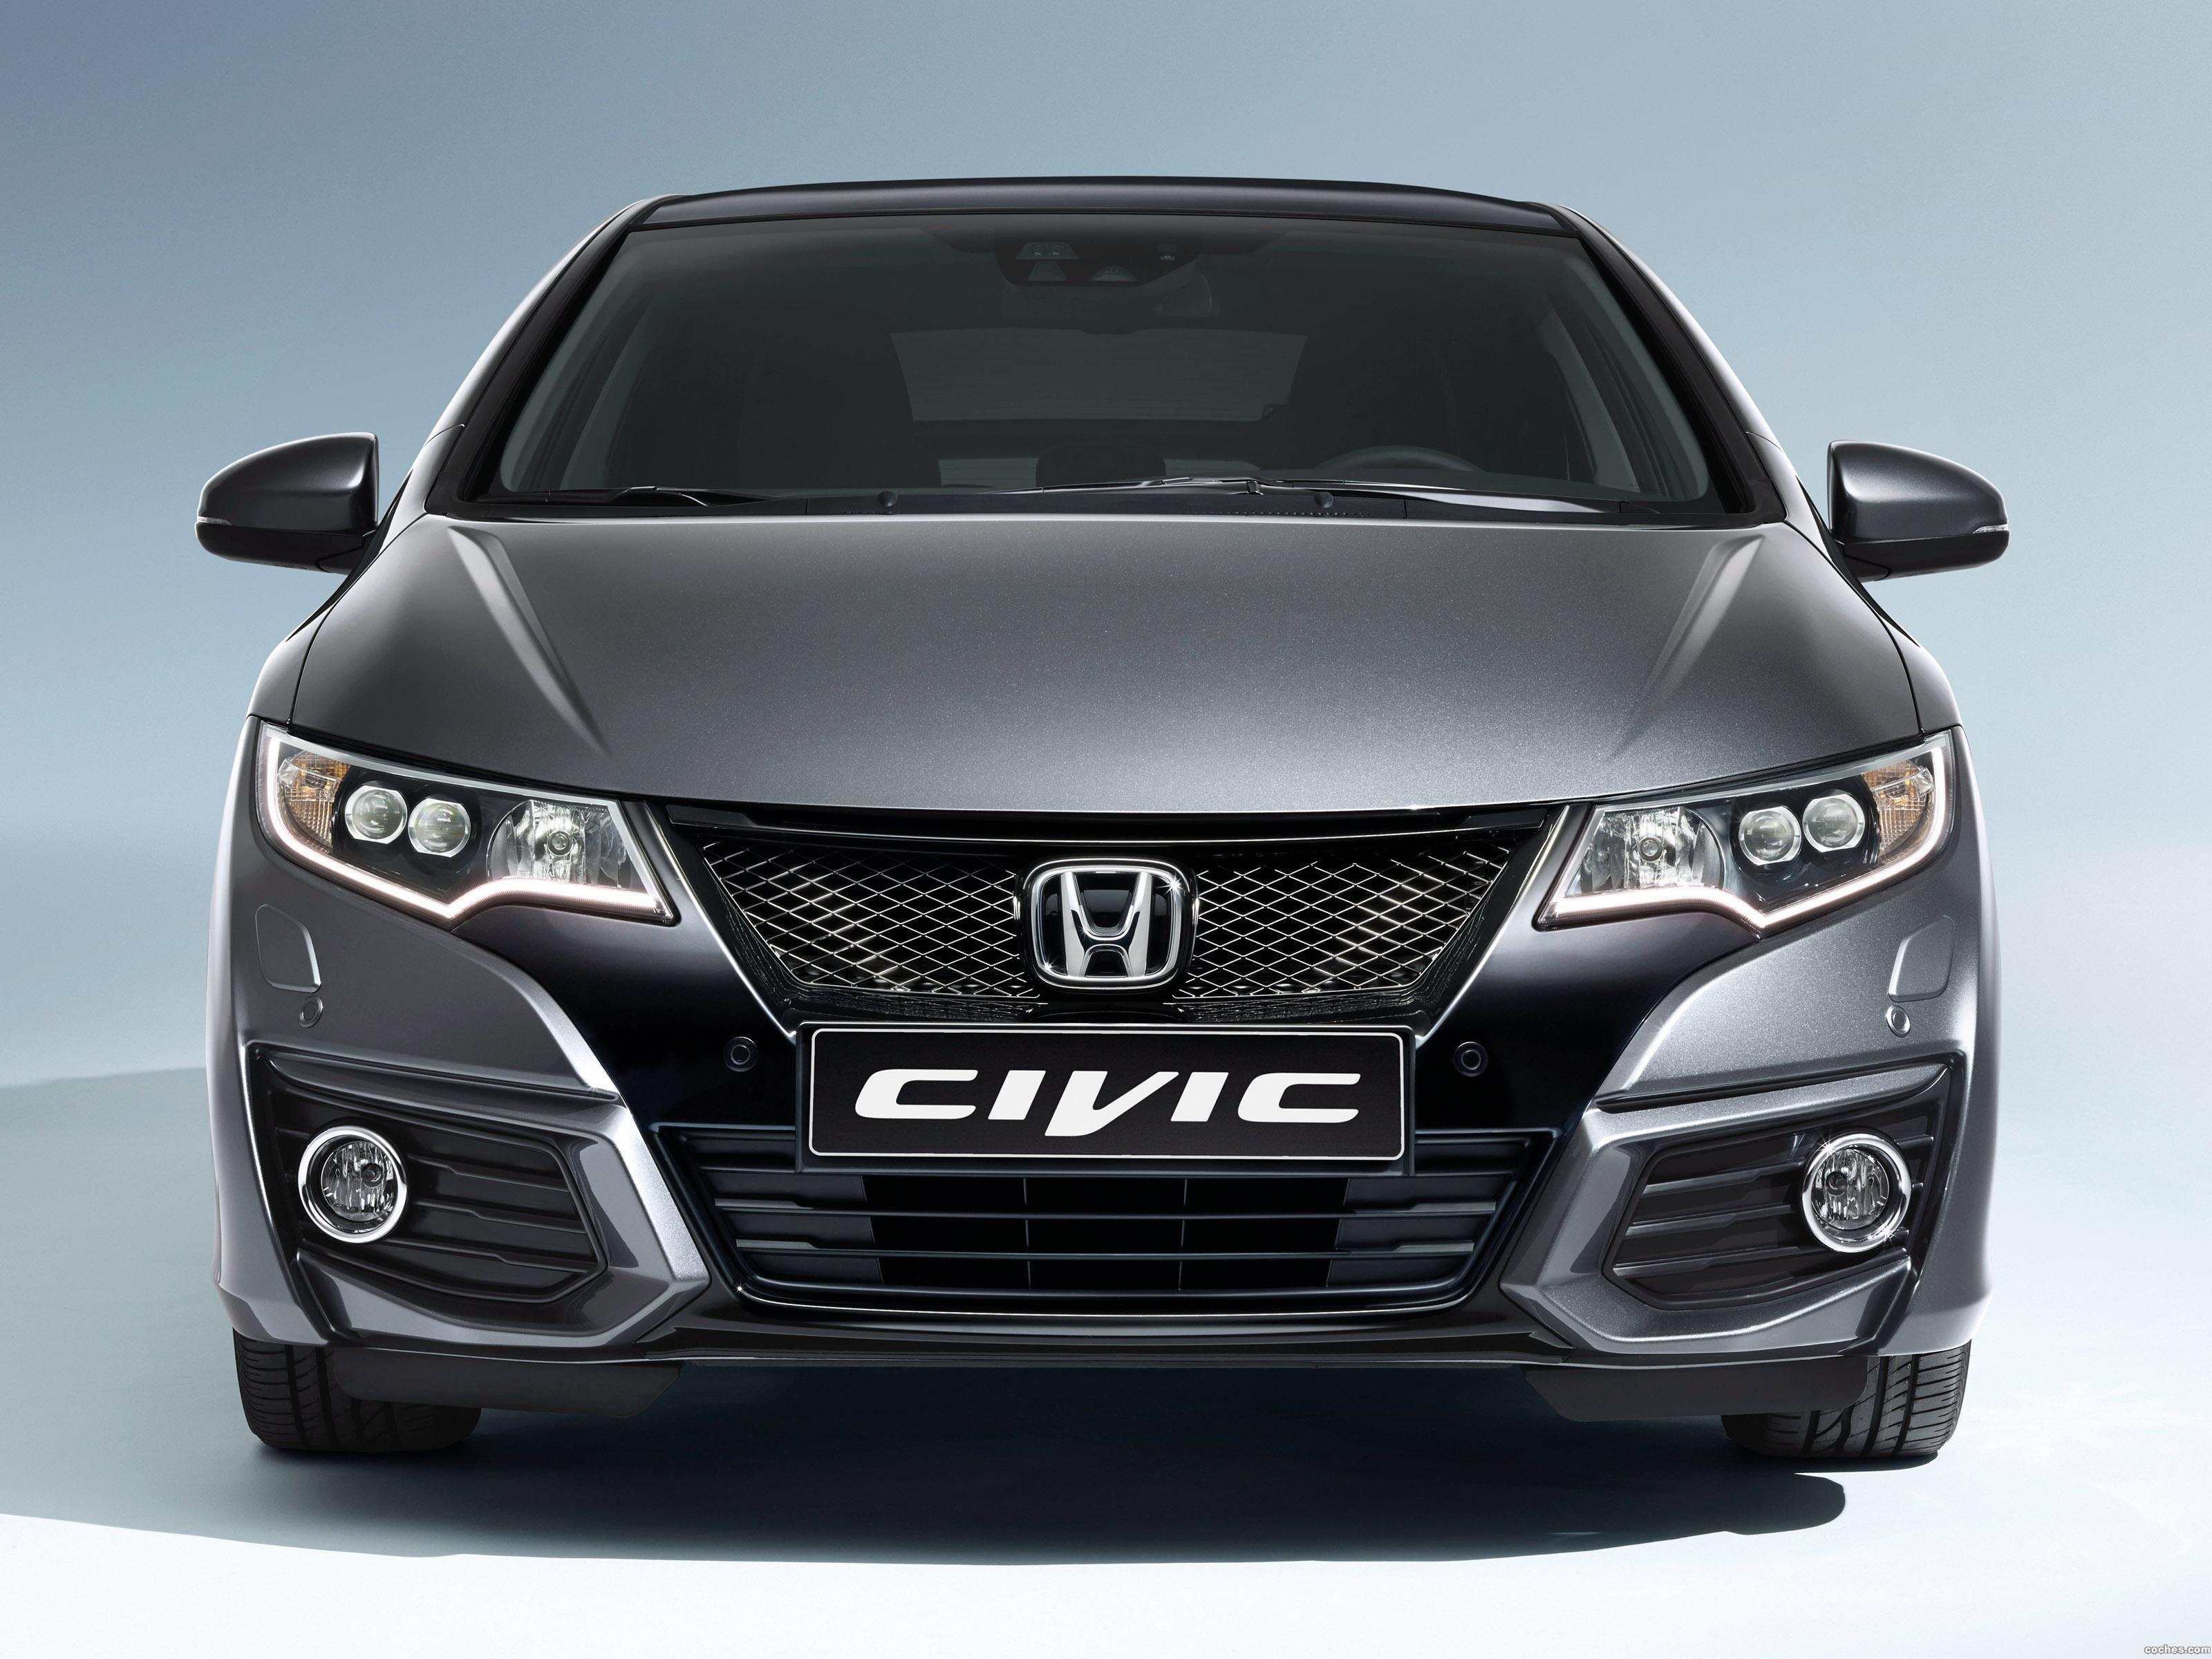 Foto 0 de Honda Civic 2014